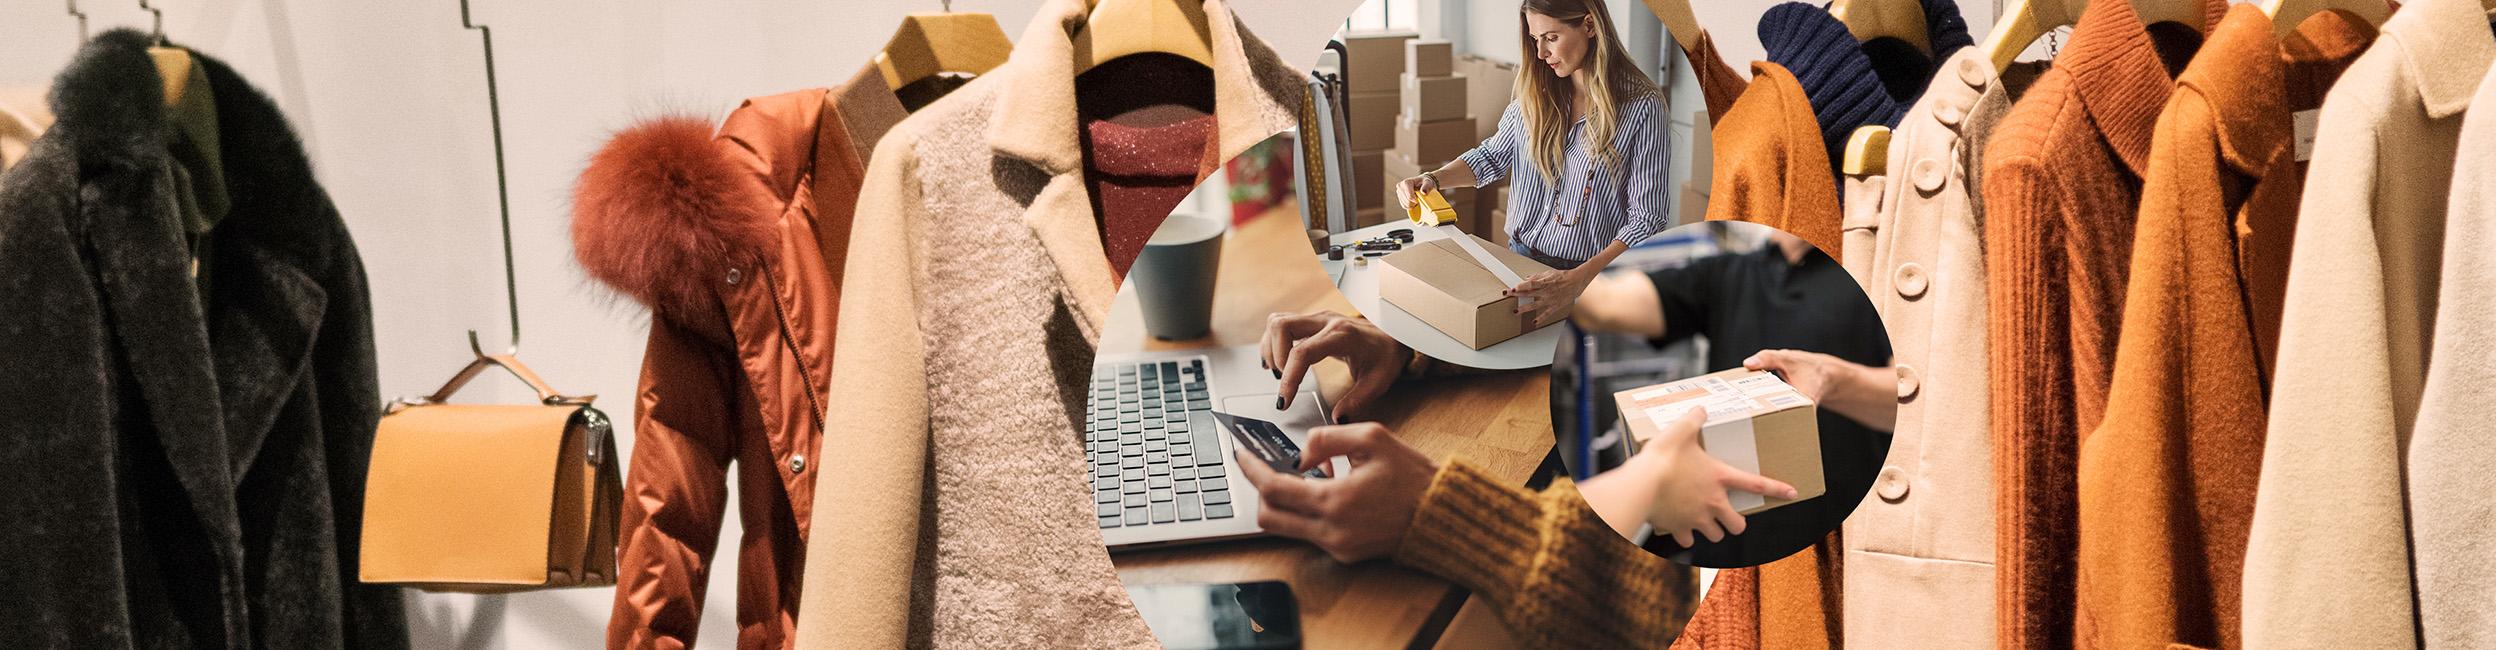 retail-excellence-erfolgreiche-digitalisierung-im-handel-mit-valantic